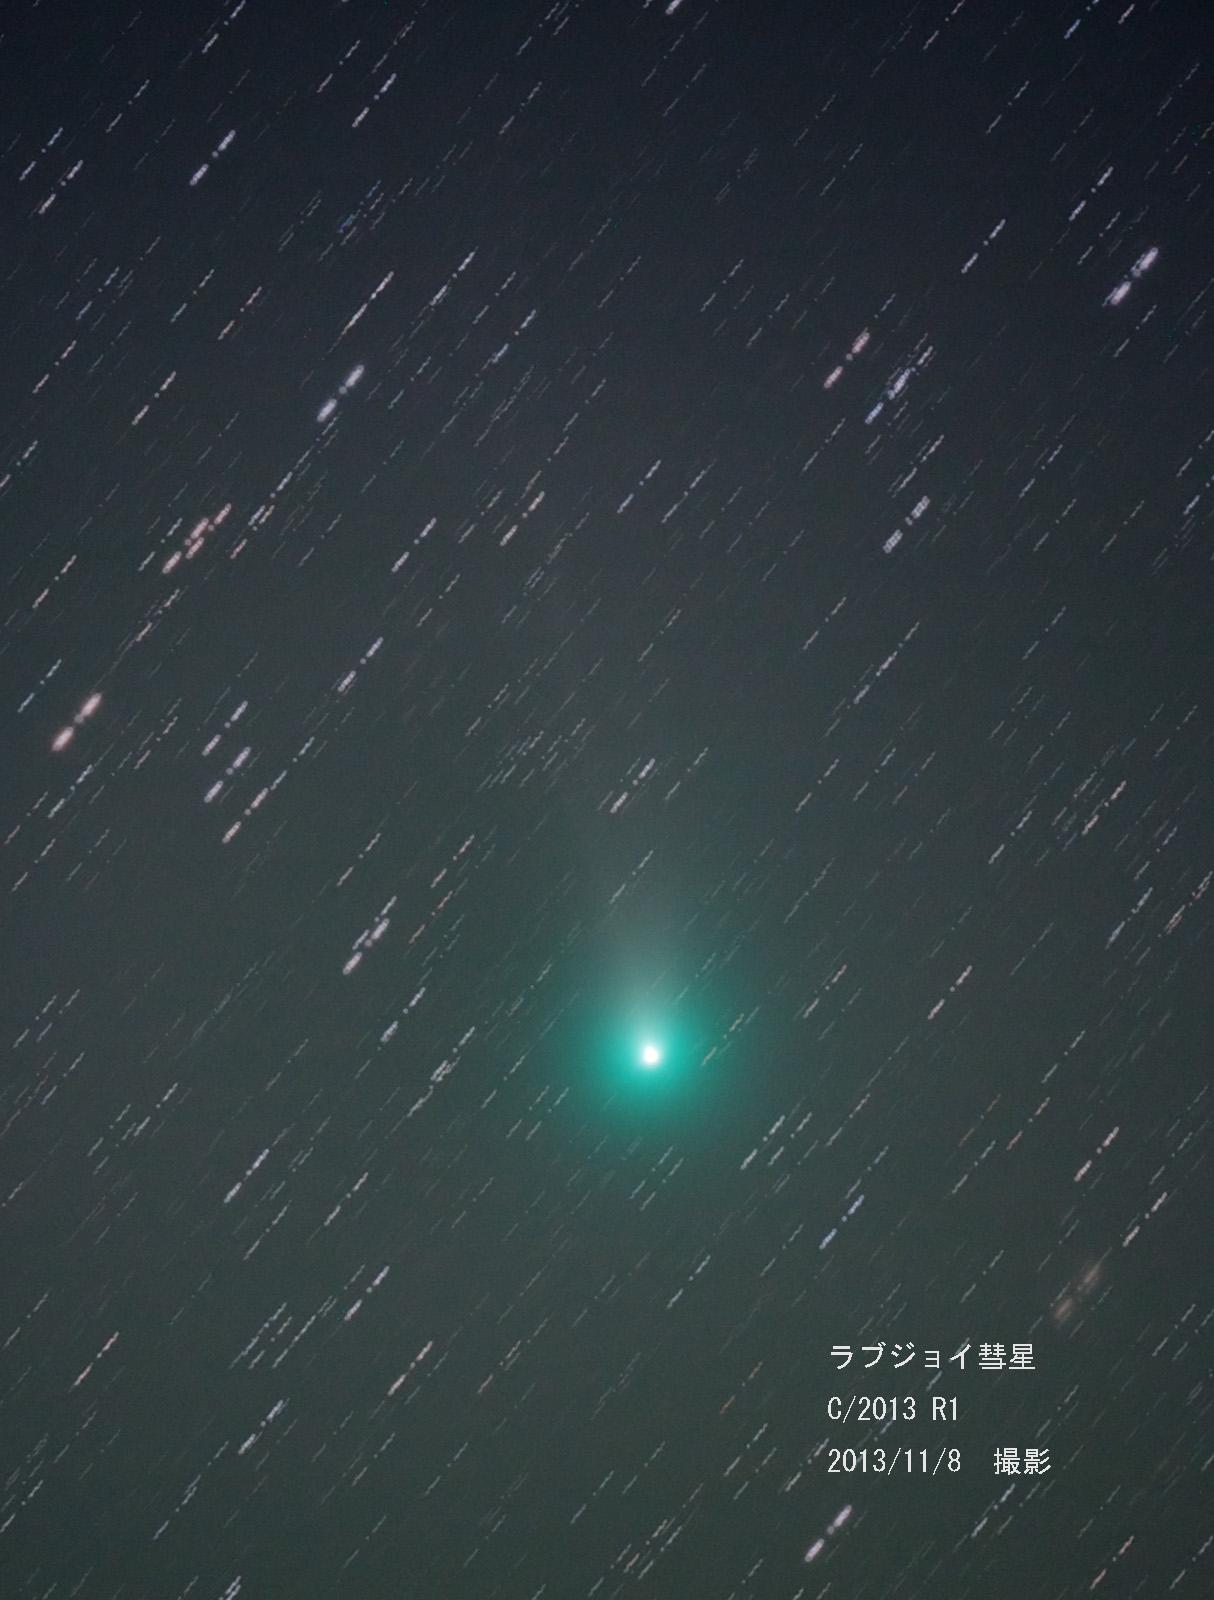 今朝のラブジョイ彗星_e0174091_5372380.jpg